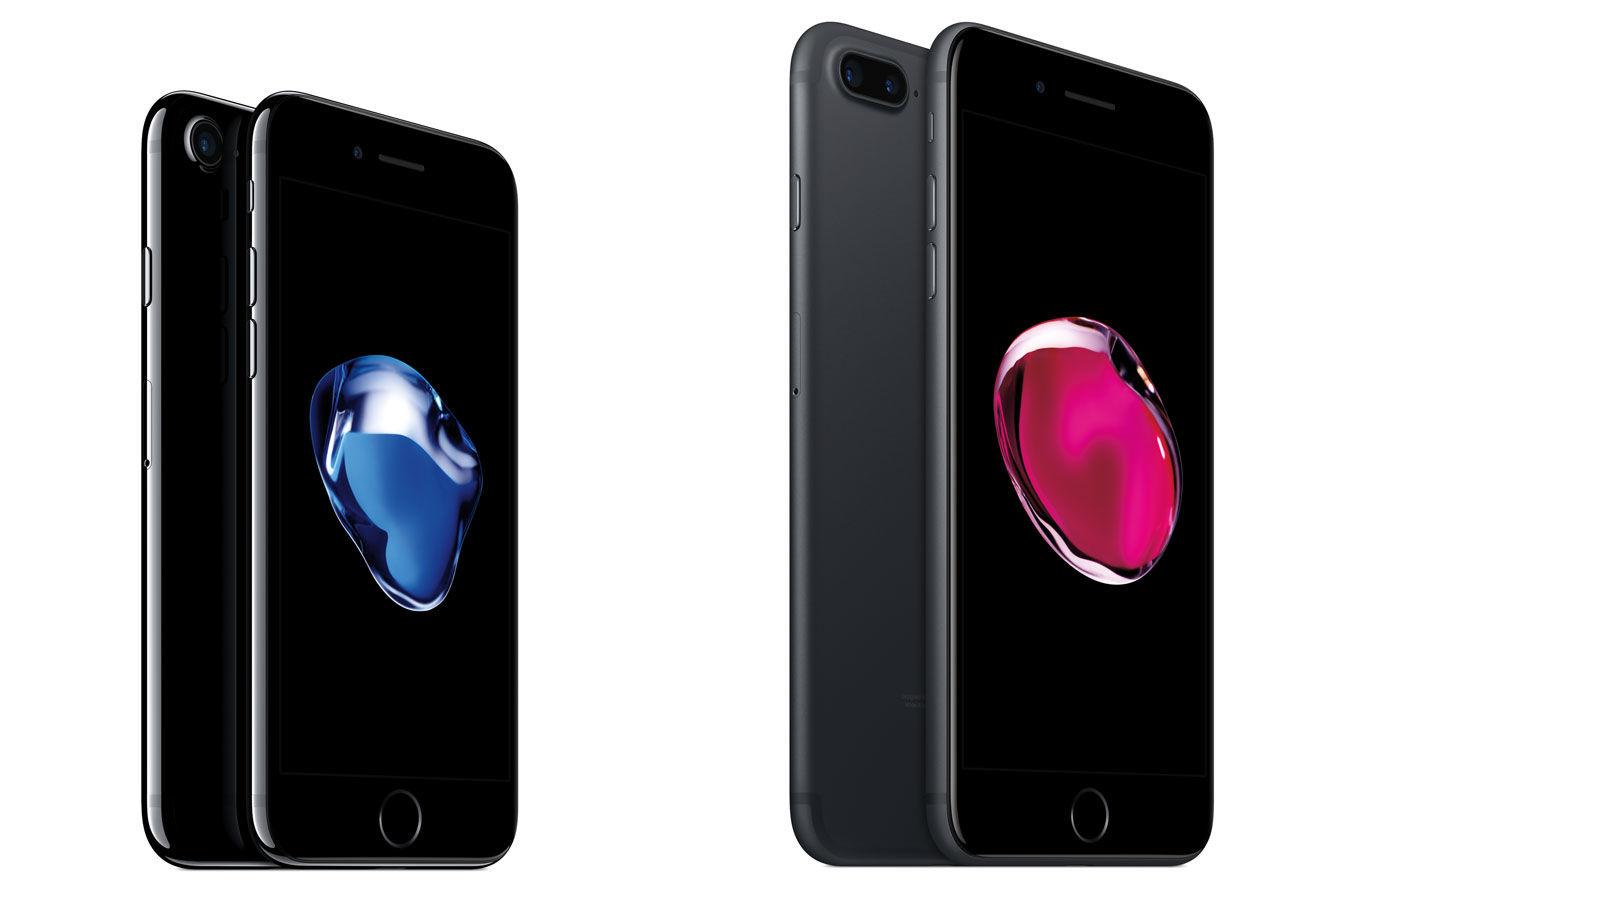 Điện thoại iPhone 7 128GB - Màu Đen chính hãng